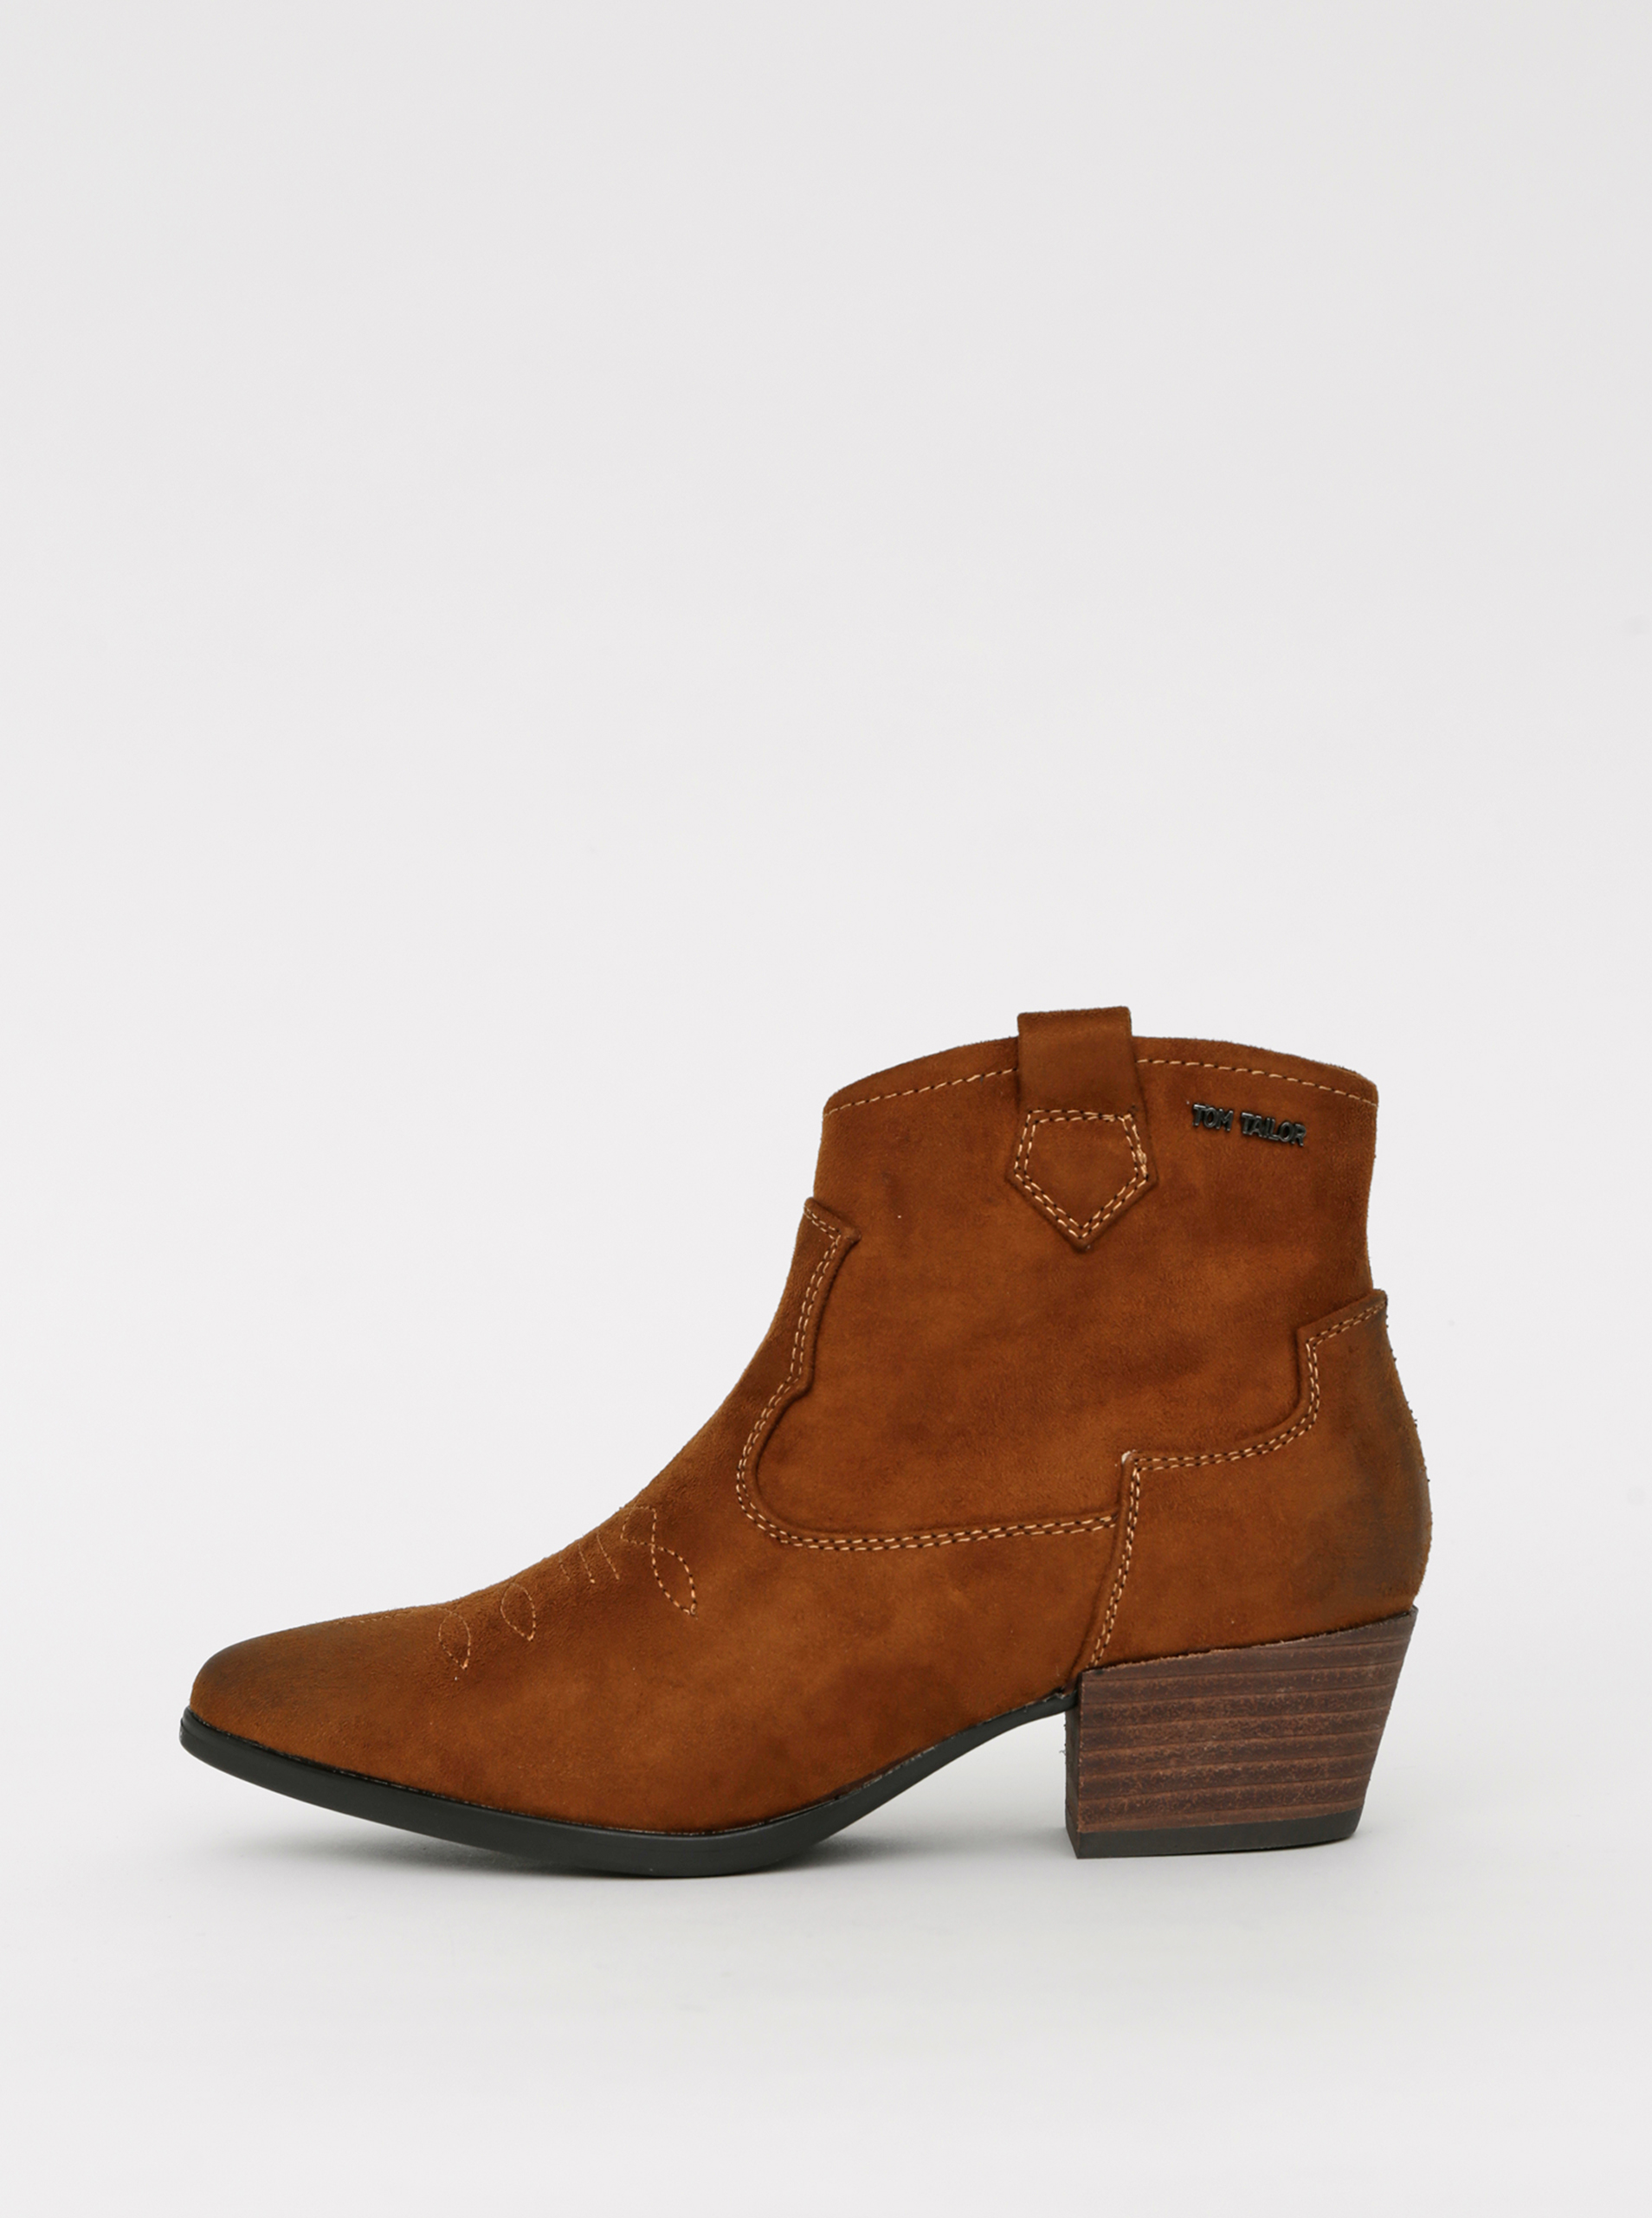 Hnedé dámske členkové topánky v semišové úprave Tom Tailor - 38